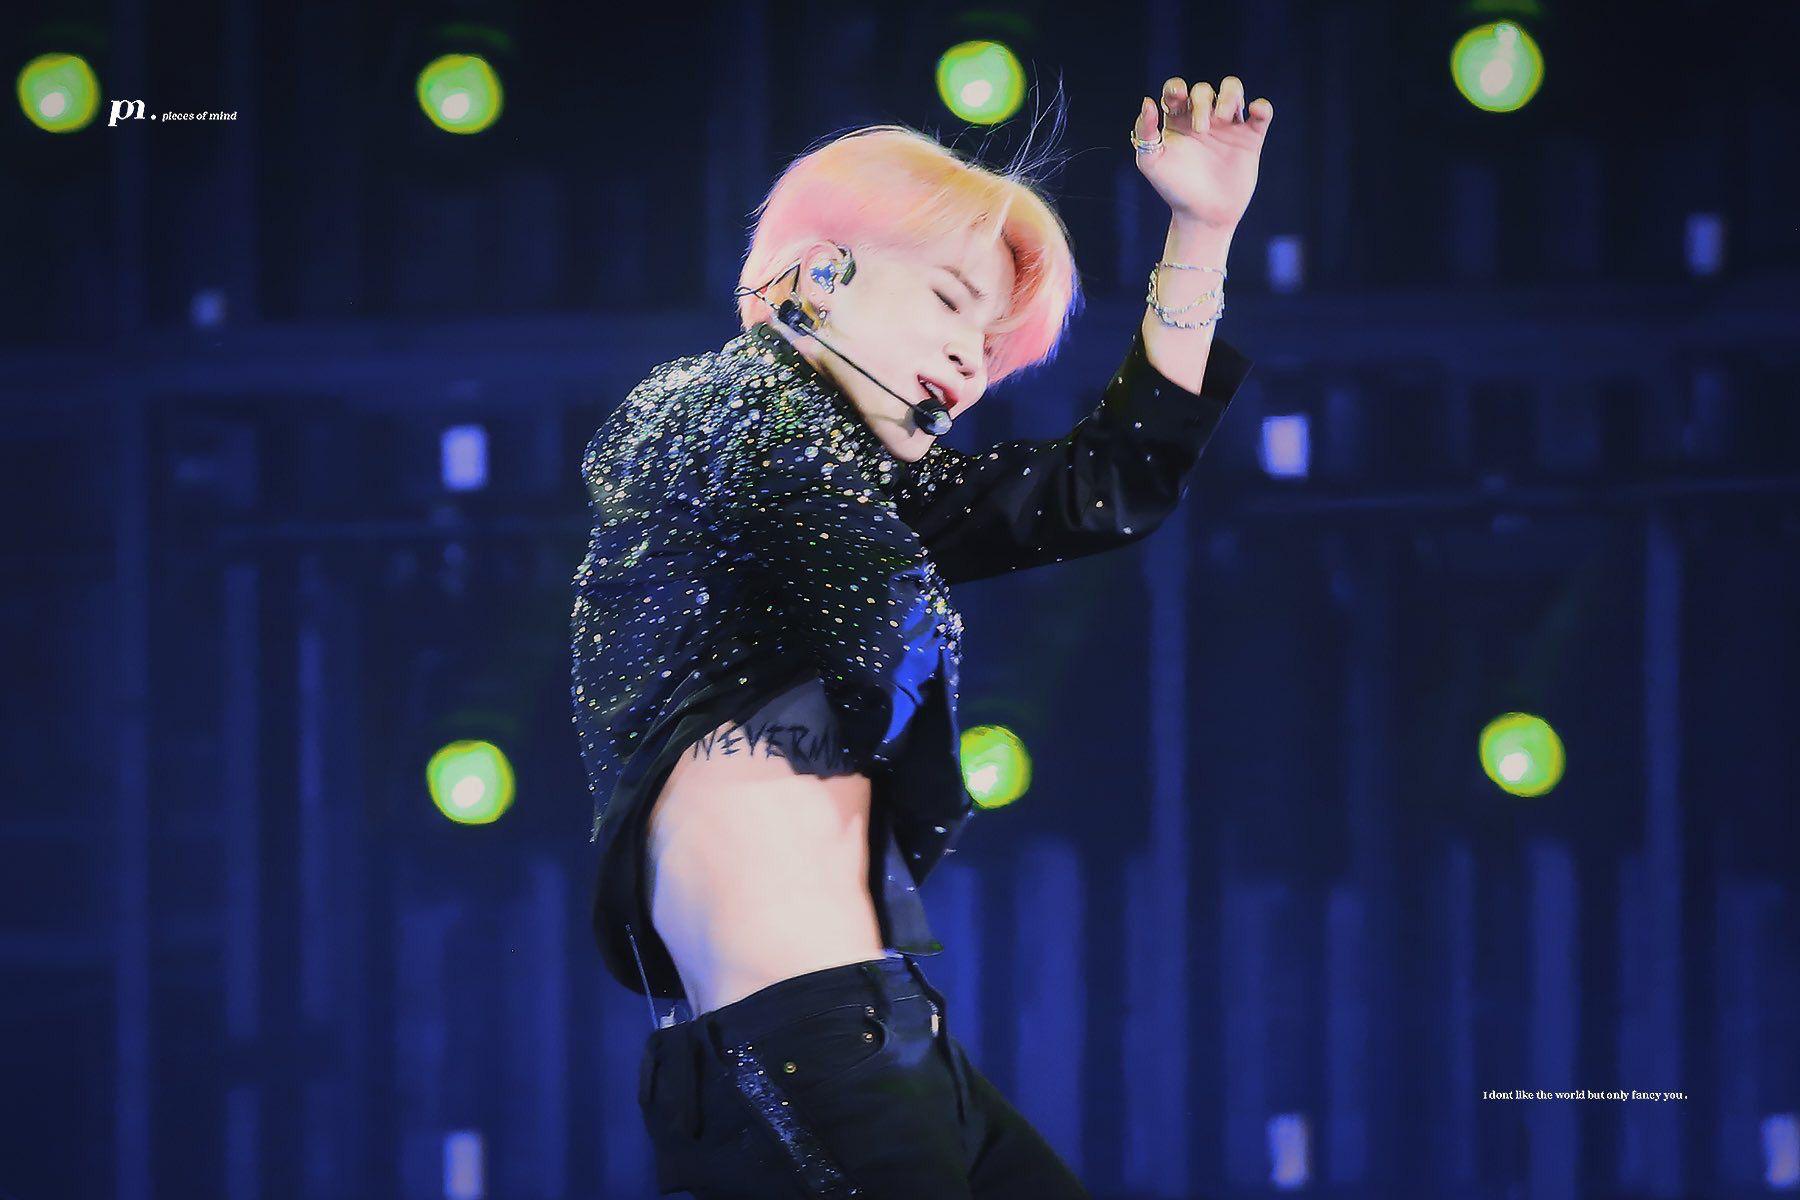 Jimin (BTS) khiến PT muốn bỏ việc, fan girl 'choảng nhau' không tiếc váy vì body 'nhức nách' 4